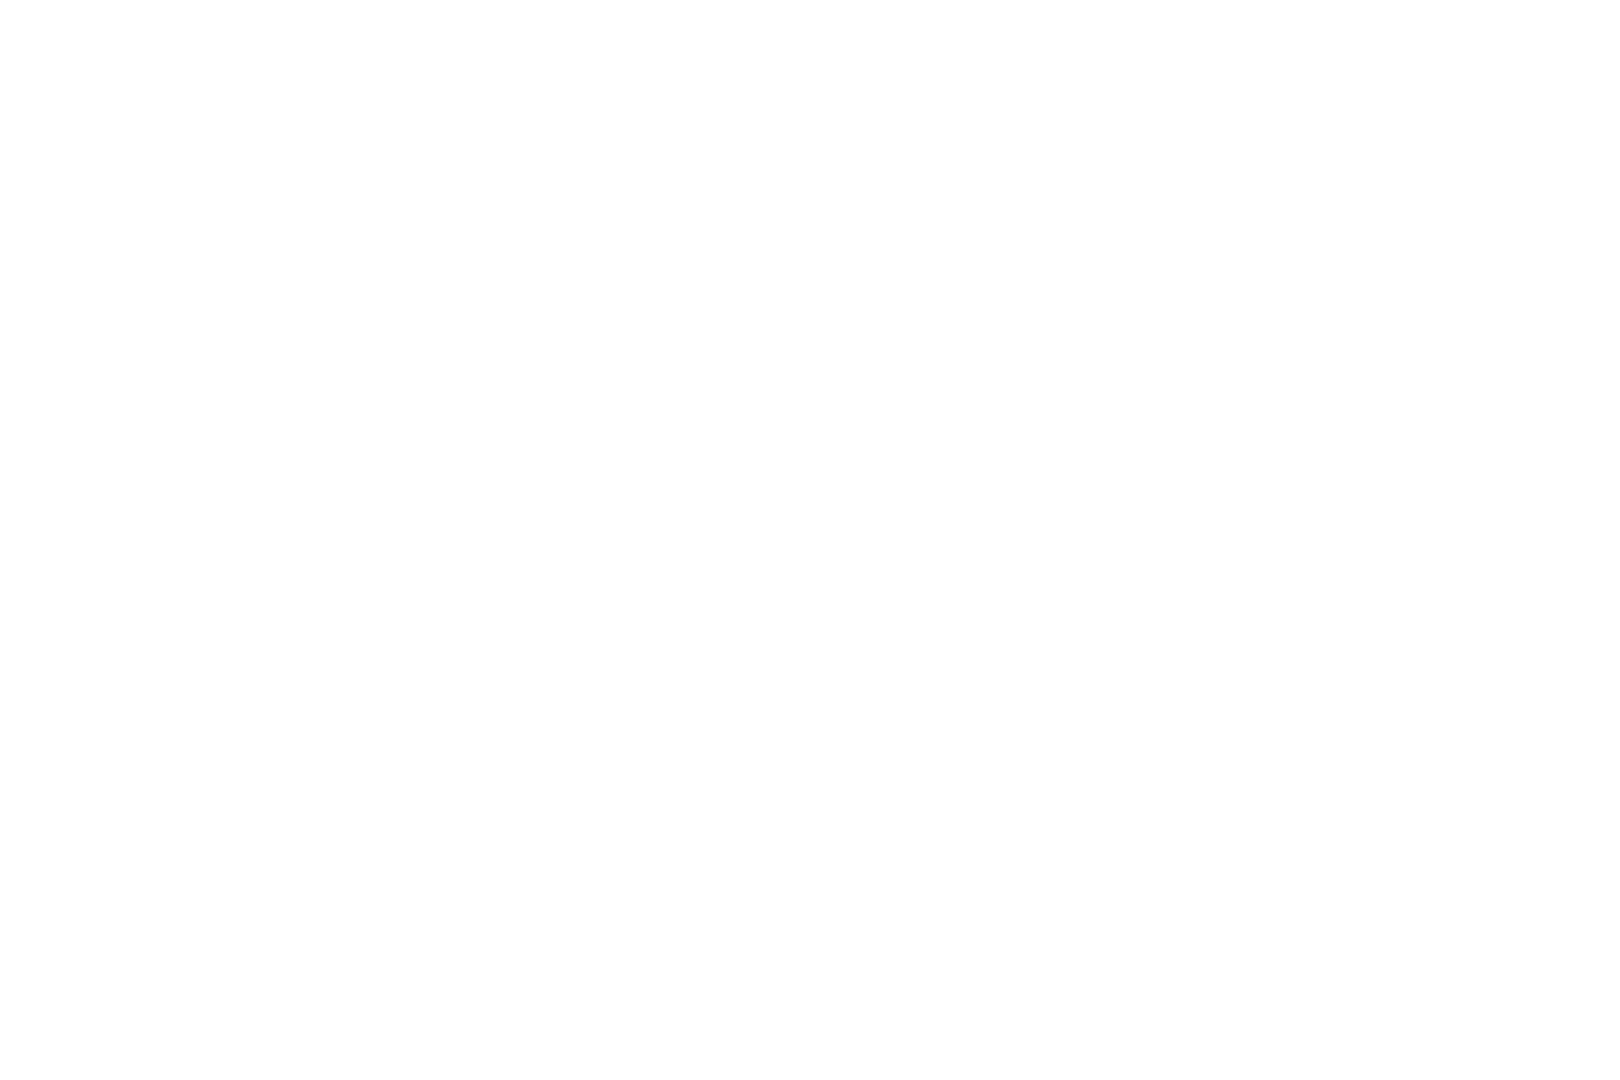 充血監督の深夜の運動会Vol.2 素人  61pic 56